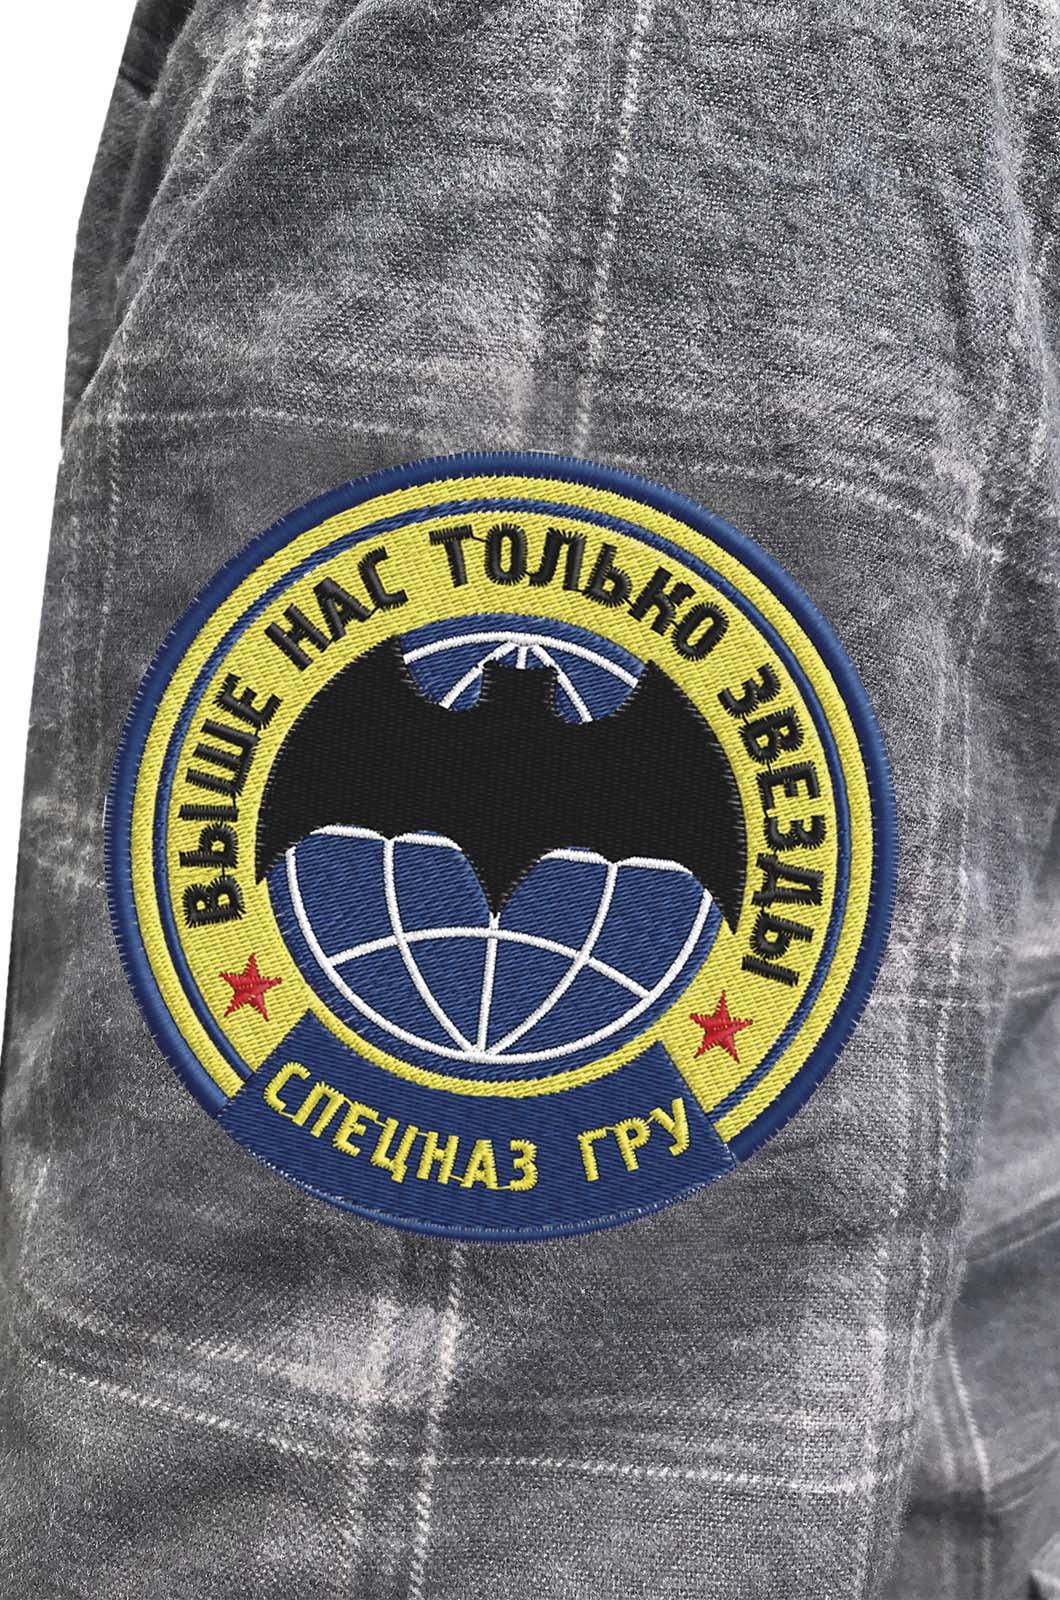 Рубашка с шевроном Спецназа ГРУ купить по выгодной цене